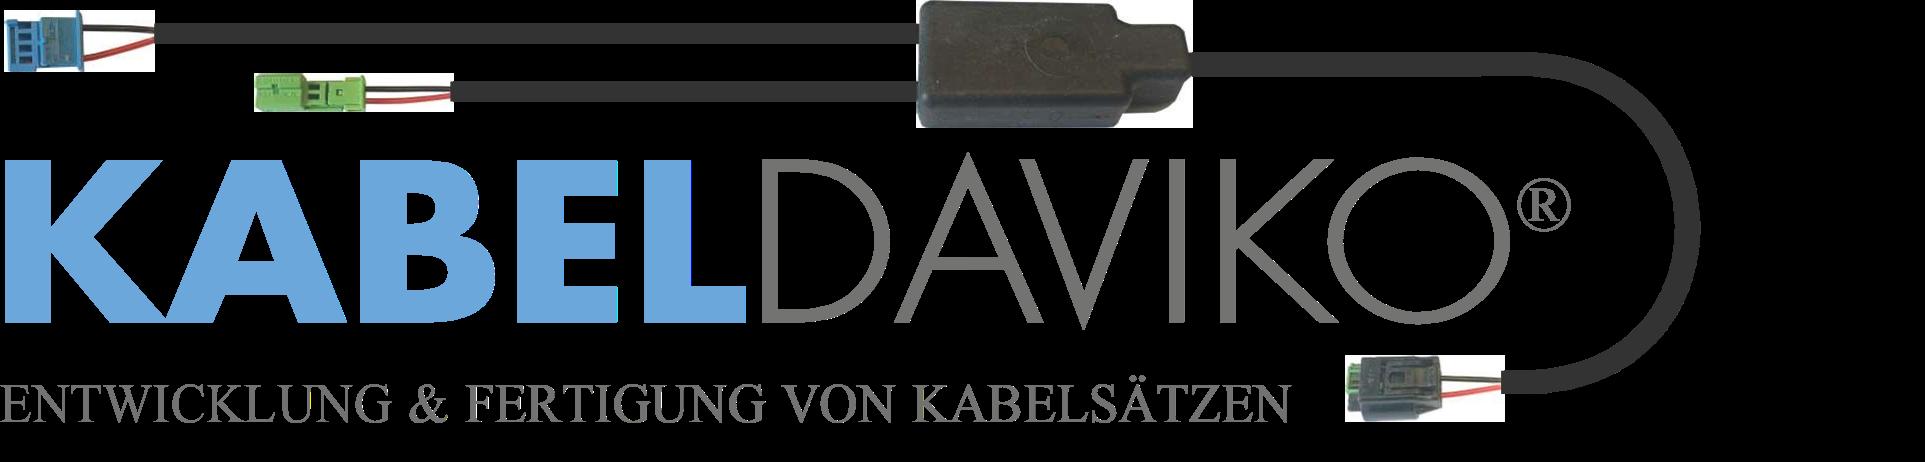 KABELDAVIKO-Logo